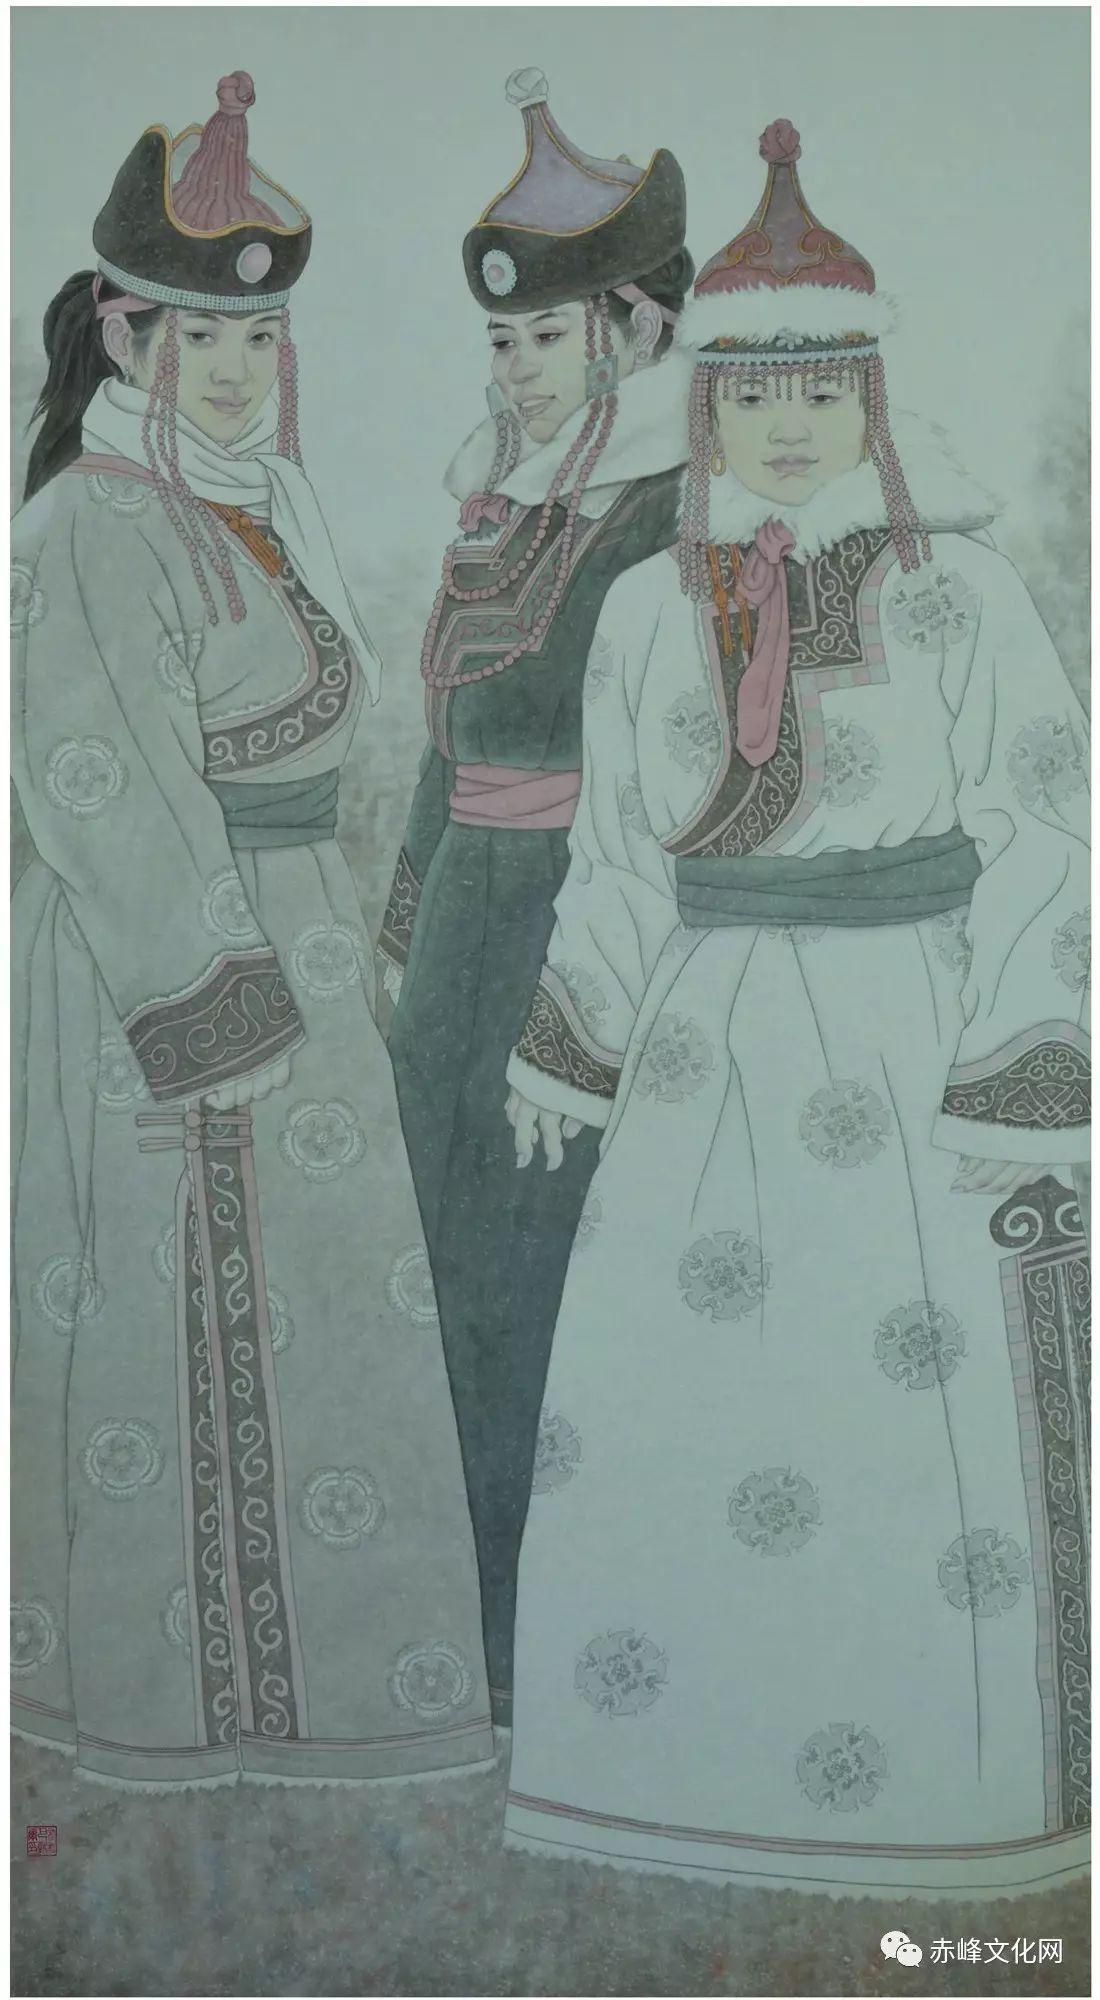 【文化赤峰】水墨丹青、栩栩如生——布和巴特尔国画展! 第8张